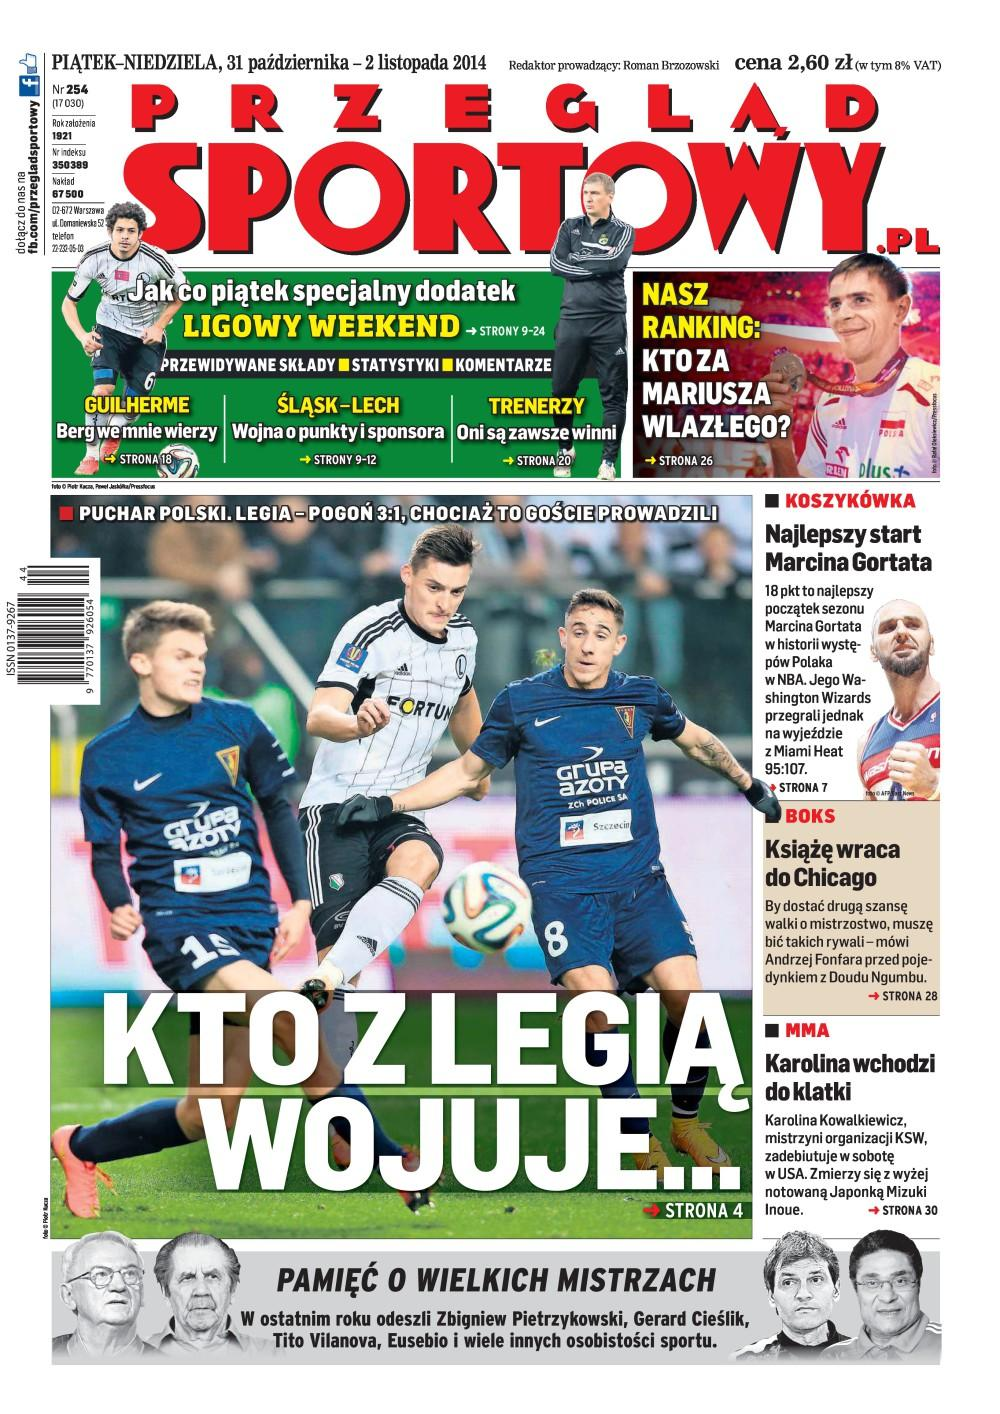 Okładka Przegląd Sportowy po meczu Legia Warszawa - Pogoń Szczecin 3:1 (30.10.2014).